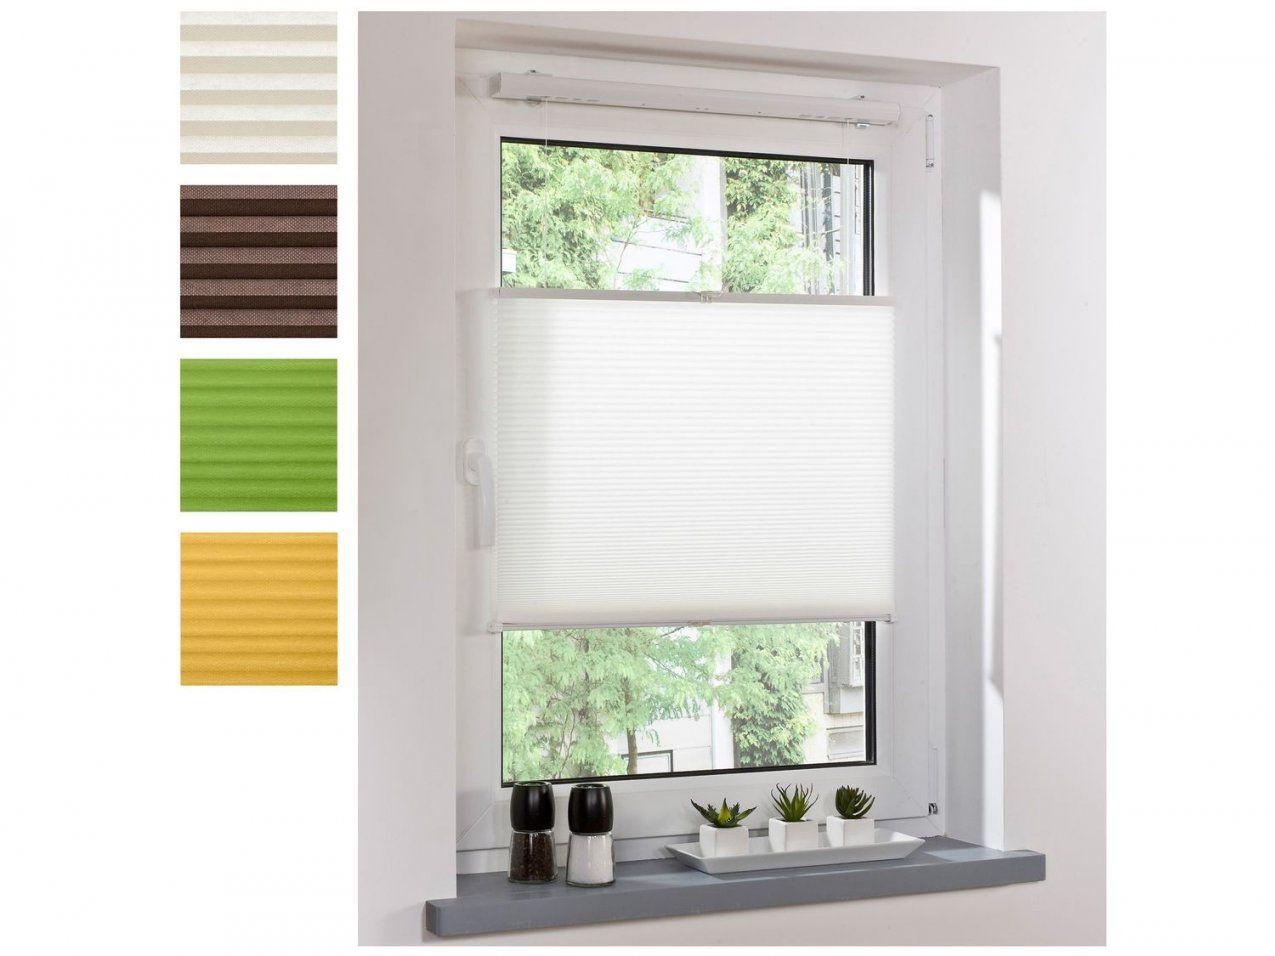 Full Size of Jalousien Ikea Modulküche Küche Kosten Miniküche Fenster Innen Sofa Mit Schlaffunktion Betten 160x200 Kaufen Bei Wohnzimmer Jalousien Ikea